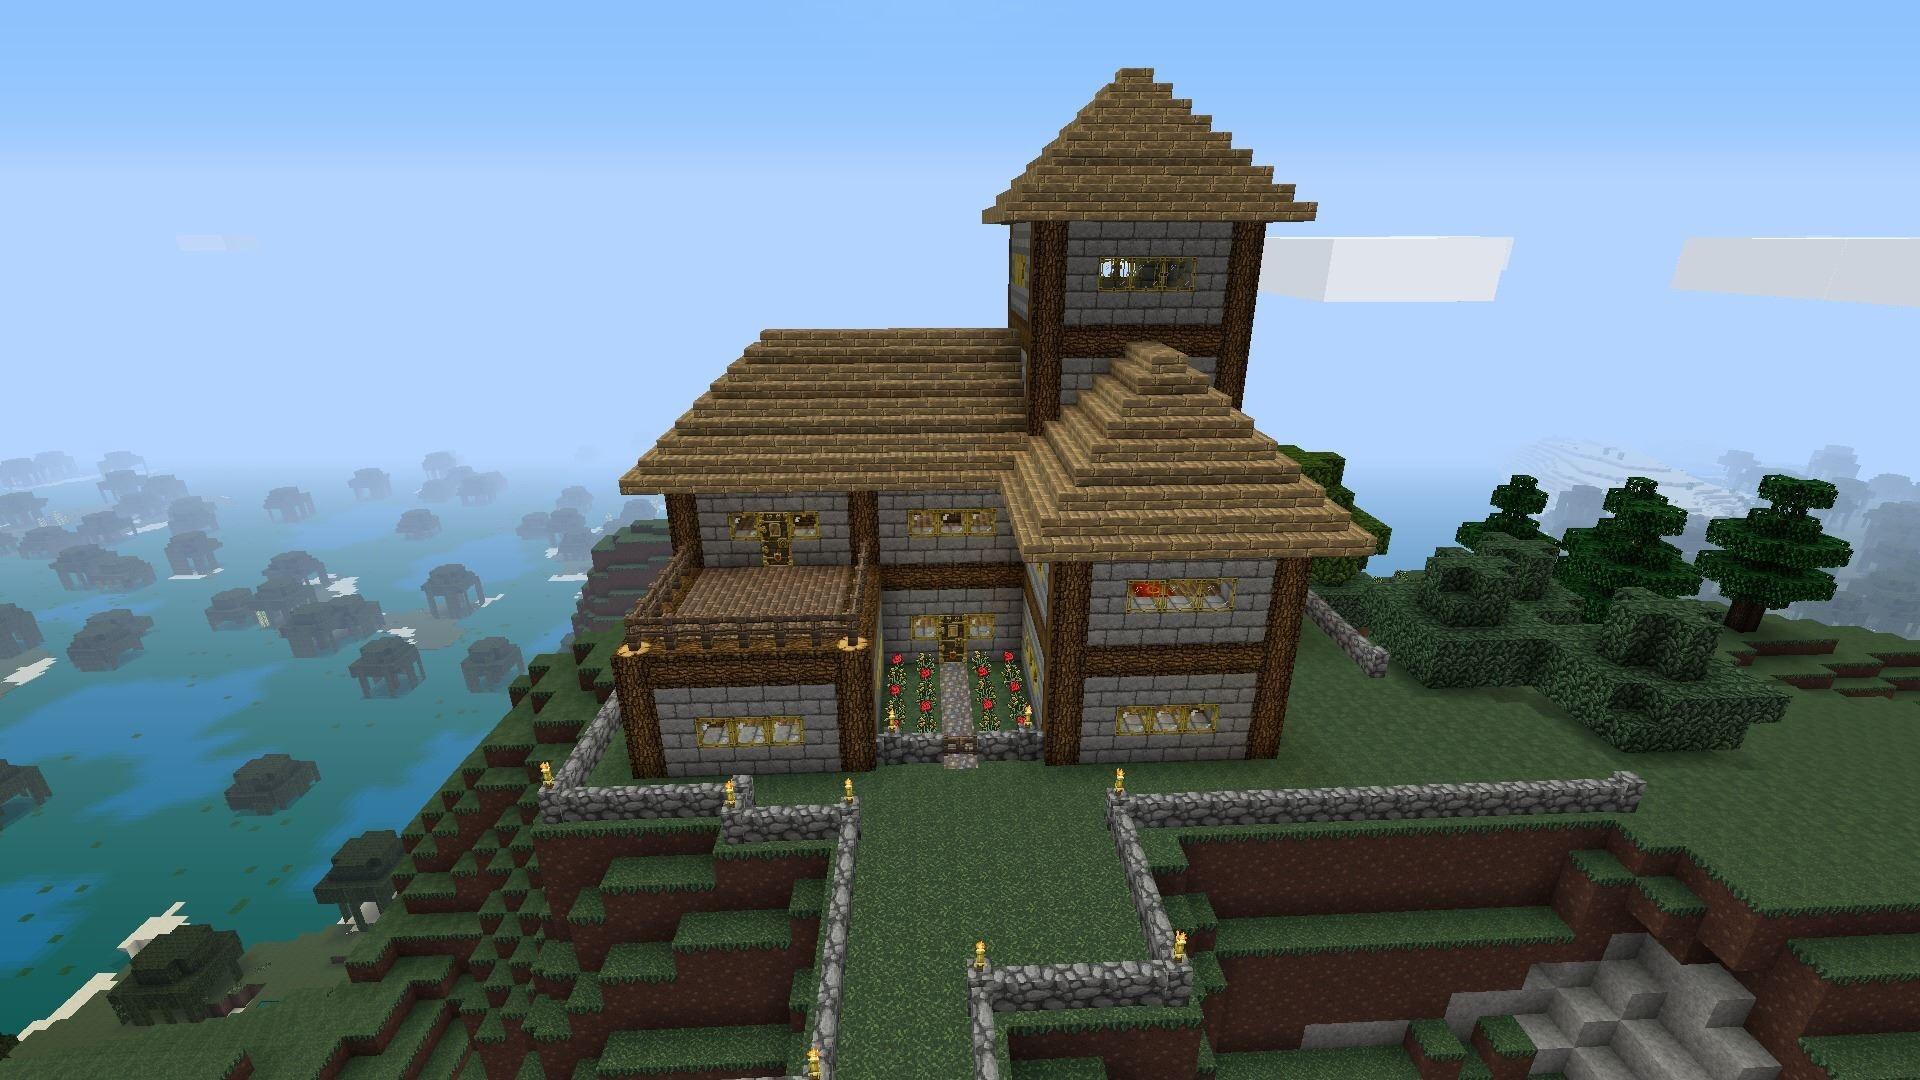 Minecraft survival house alt versio on ps4 by mr foxhound for Minecraft maison design